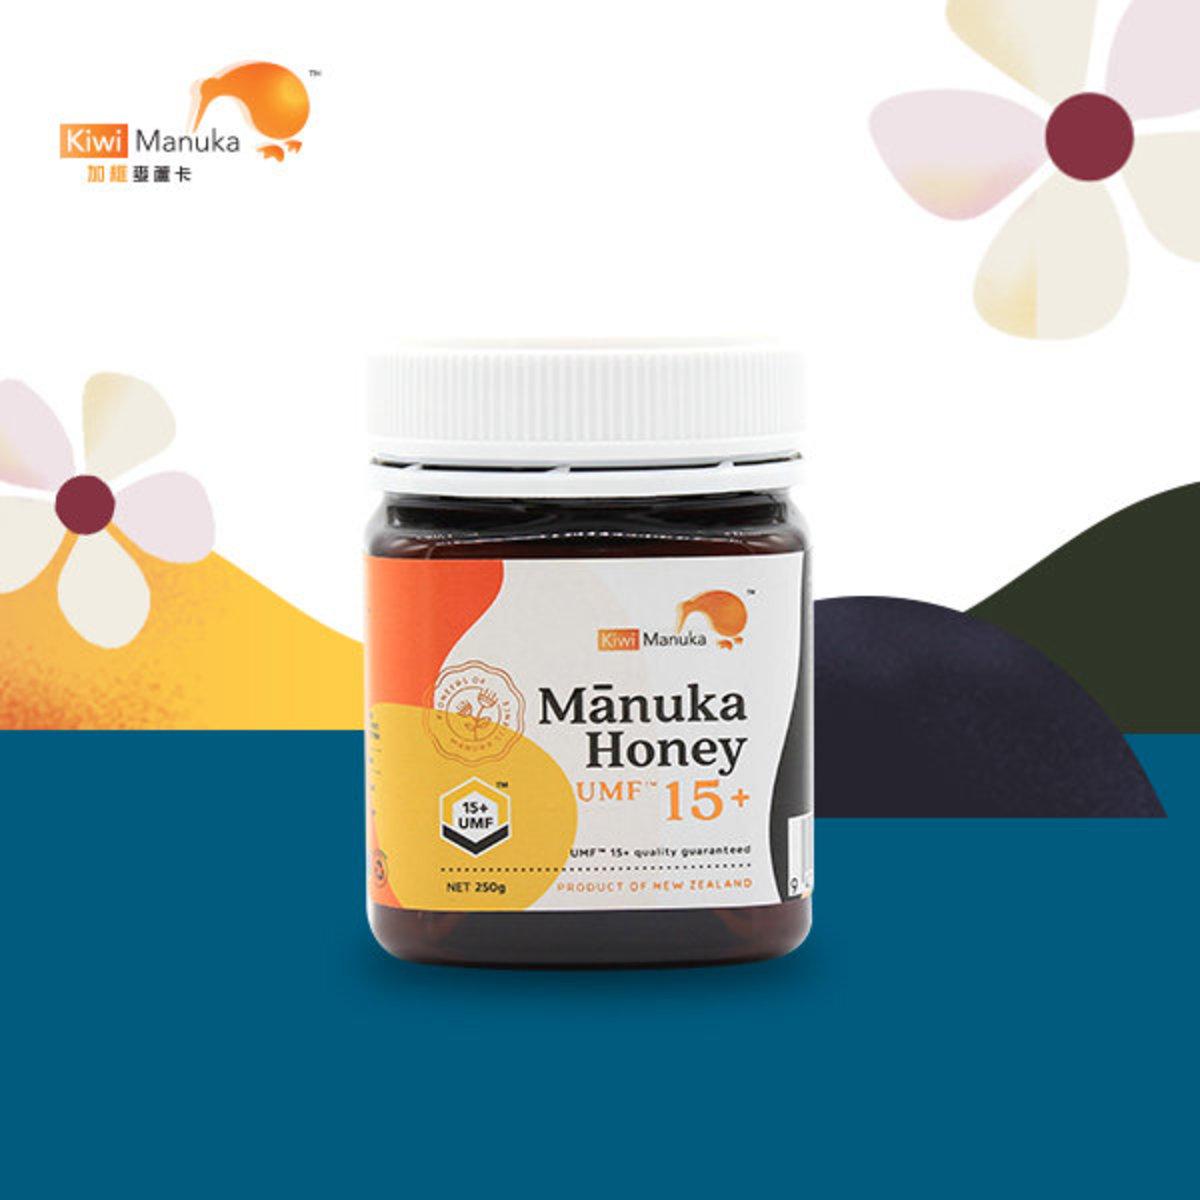 UMF15+ / 514+ MGO MANUKA HONEY (250g) <New Packaging>